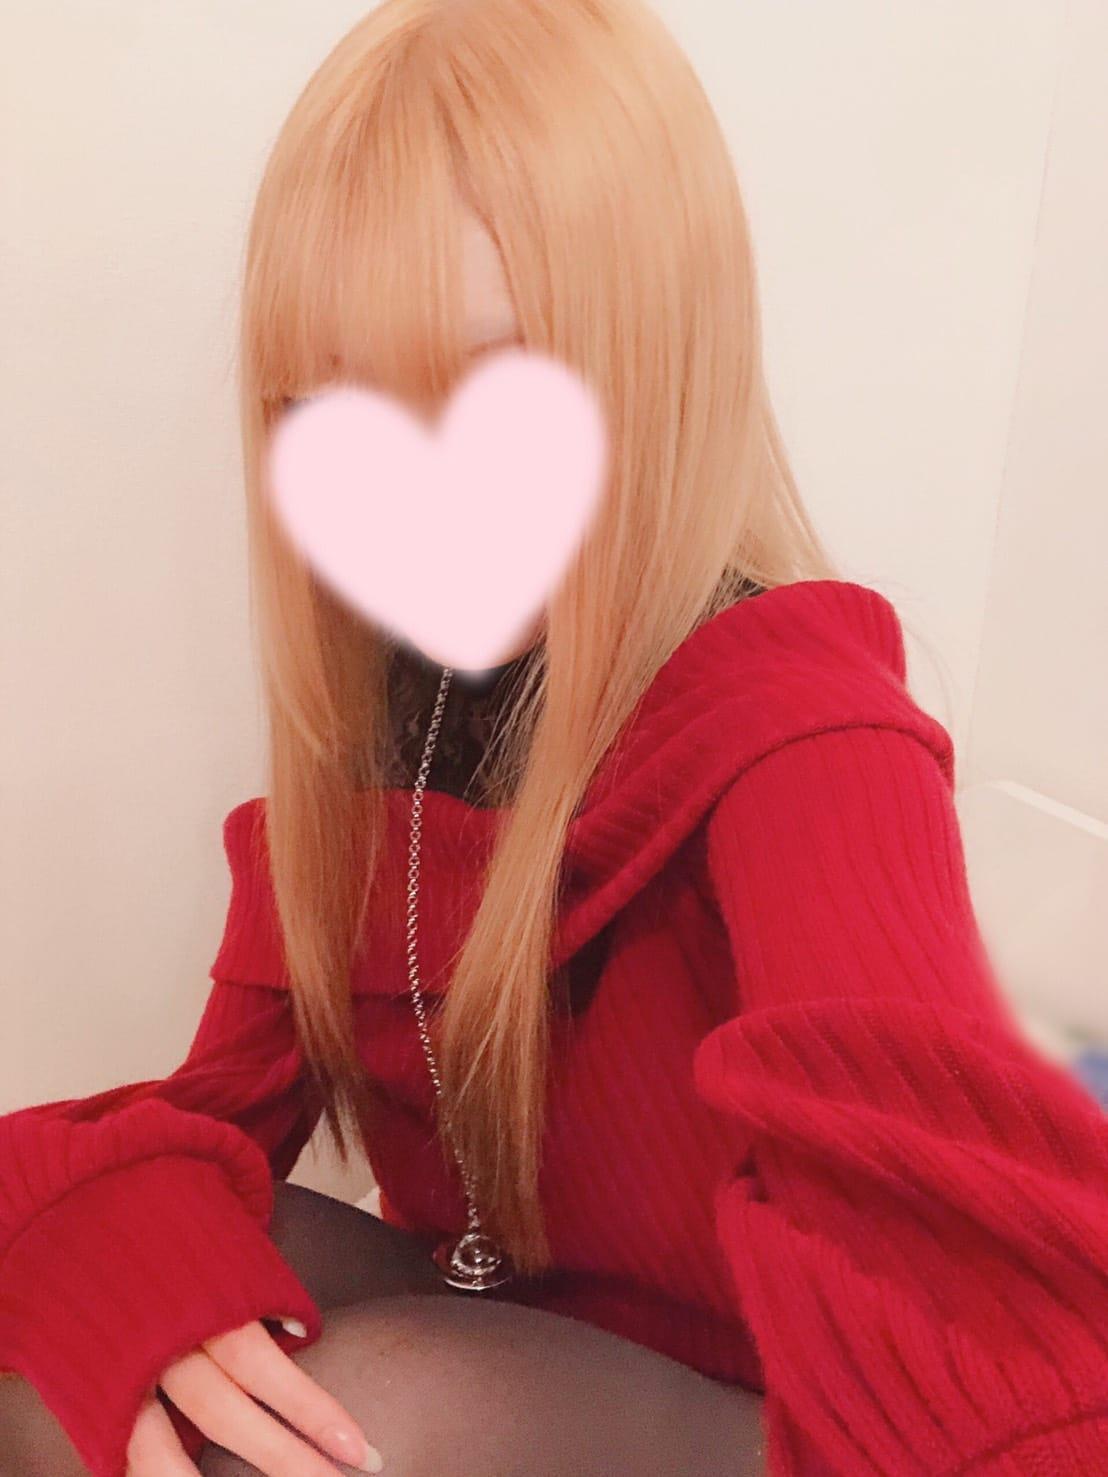 さくら(女子会×プレミアム)のプロフ写真6枚目